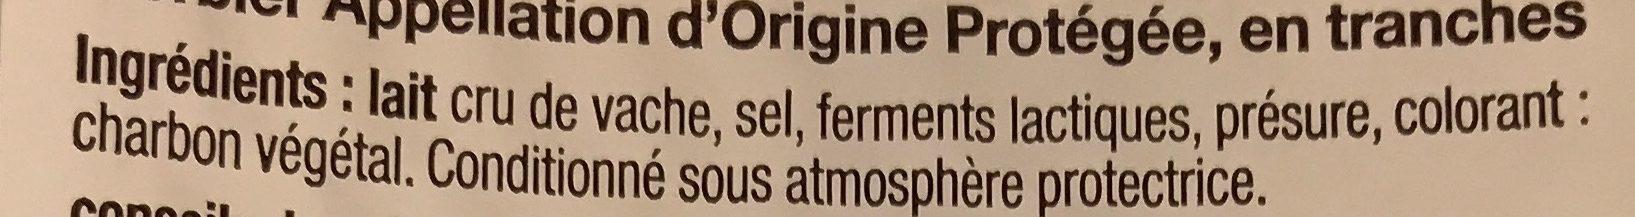 L'Oiseau - Morbier en tranchettes pour repas raclette - Ingrédients - fr